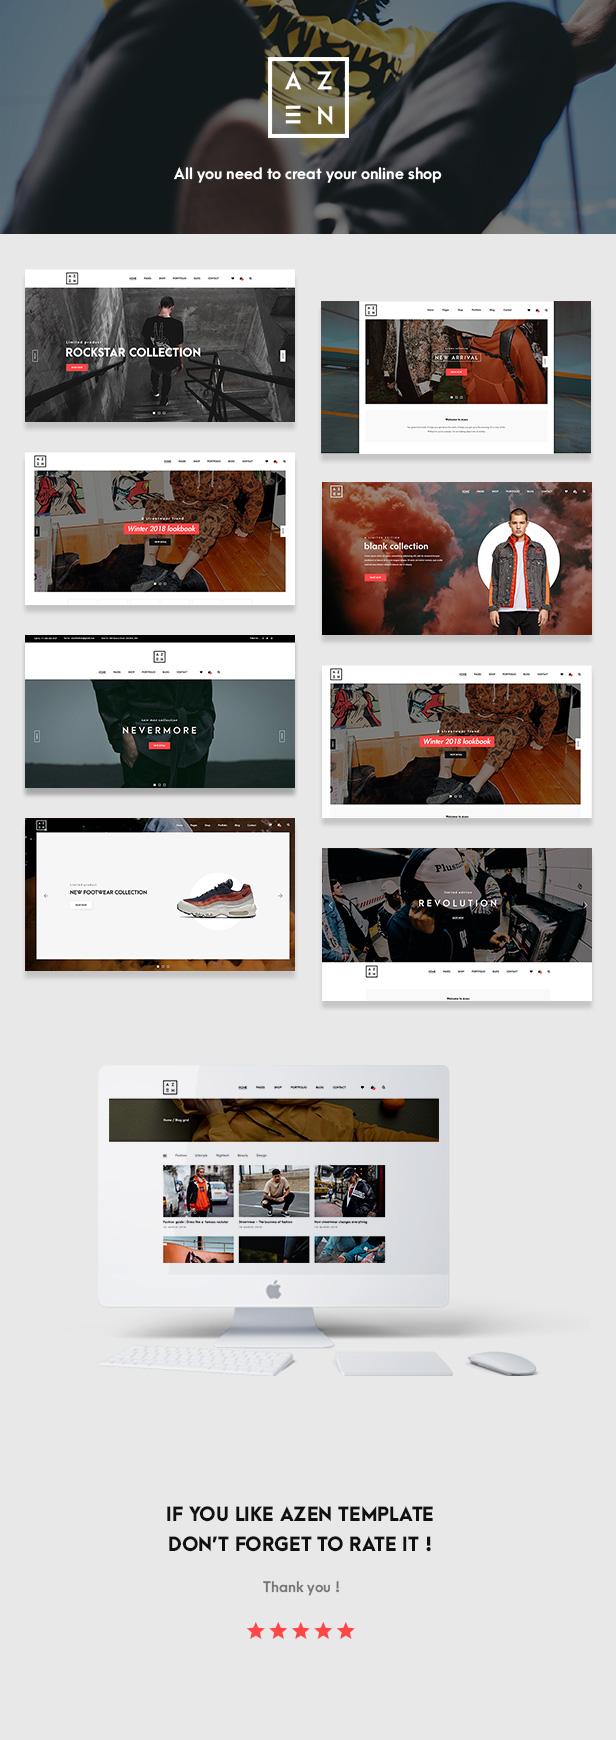 Azen - Clean, Minimal Shop WordPress WooCommerce Theme - 1